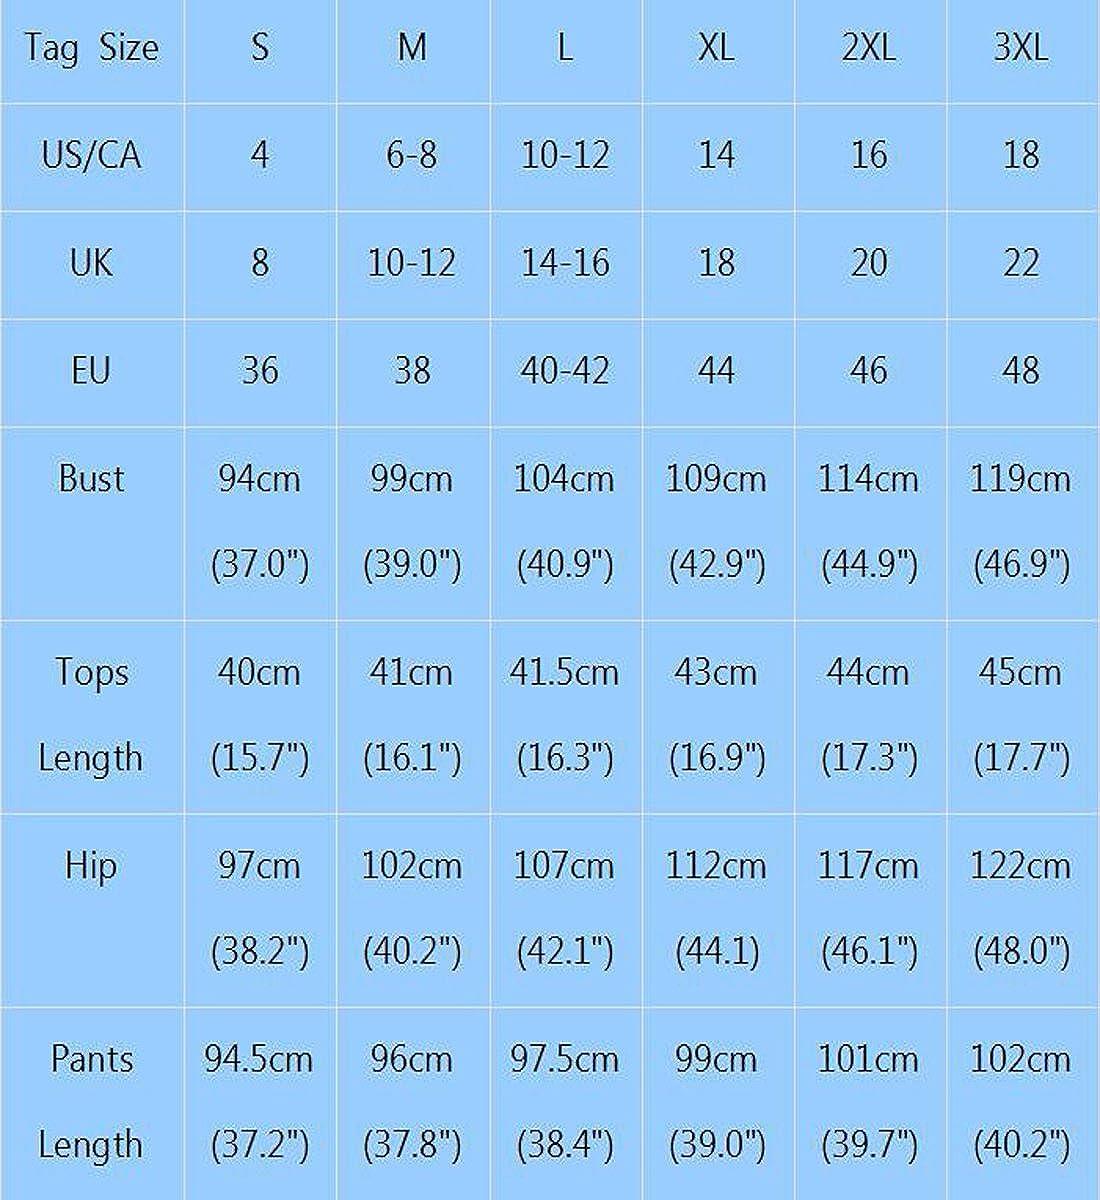 8baad4754bb14 Auxo Hoodie Capuchas Mujer Sudadera Camisetas Corta Mangas Larga Chaqueta  Pantalones Traje Pullover Jumpsuit Gris ES 40-42 ASIN L  Amazon.es  Ropa y  ...